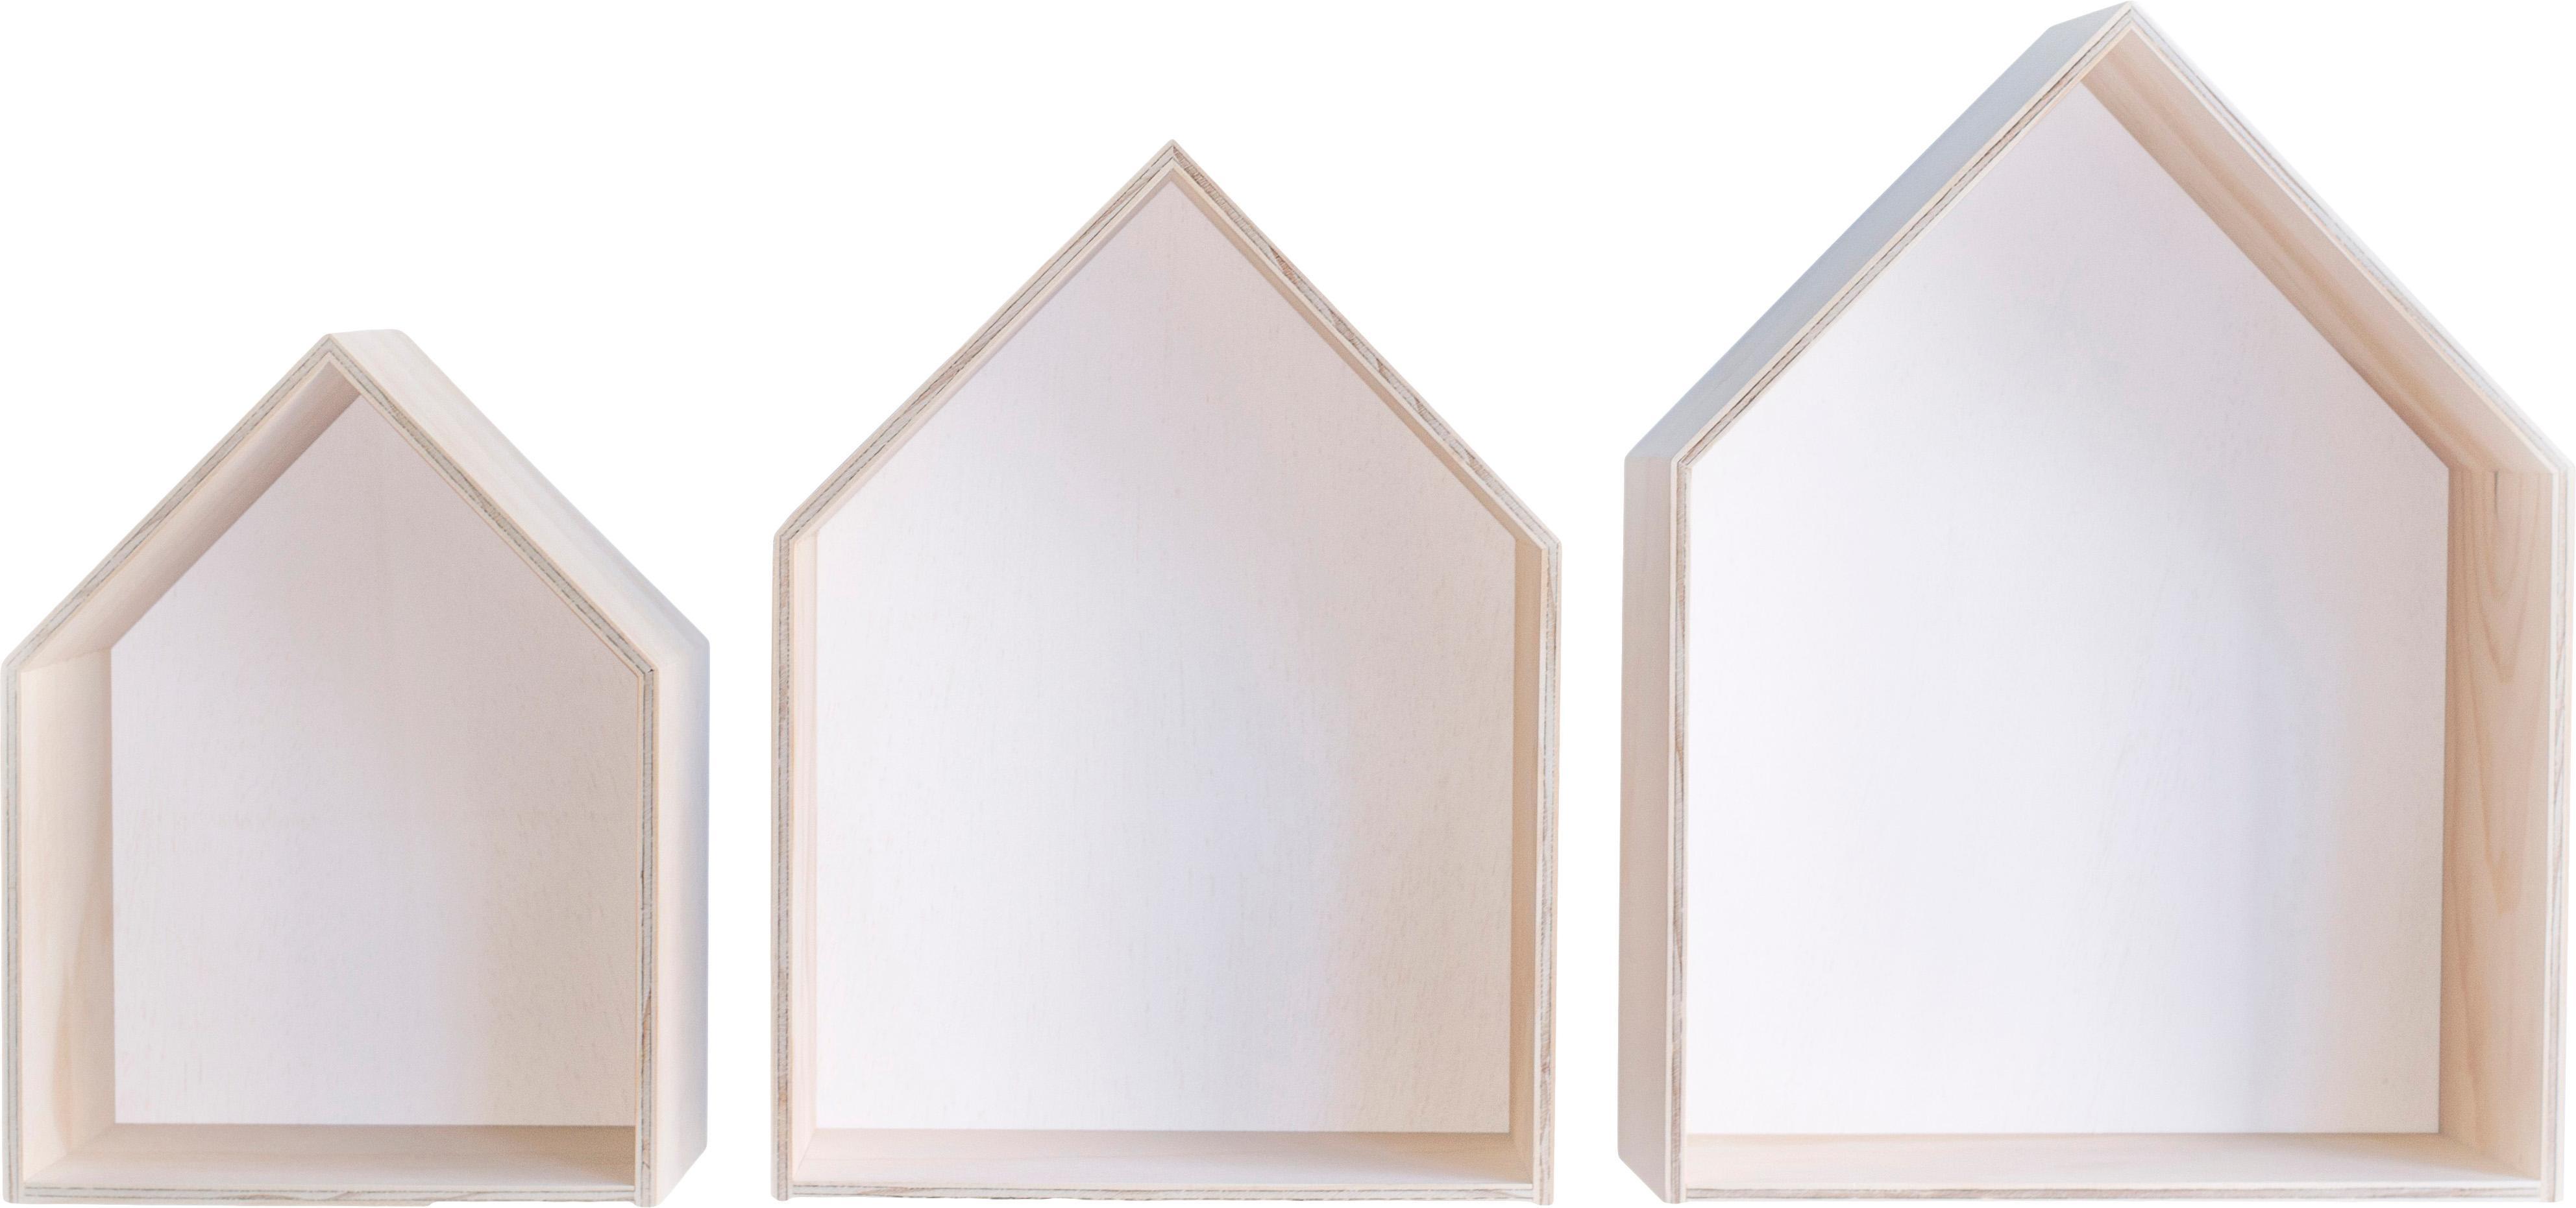 Wandregal-Set Blanca, 3-tlg., Sperrholz, Hellbraun, Weiss, Set mit verschiedenen Grössen